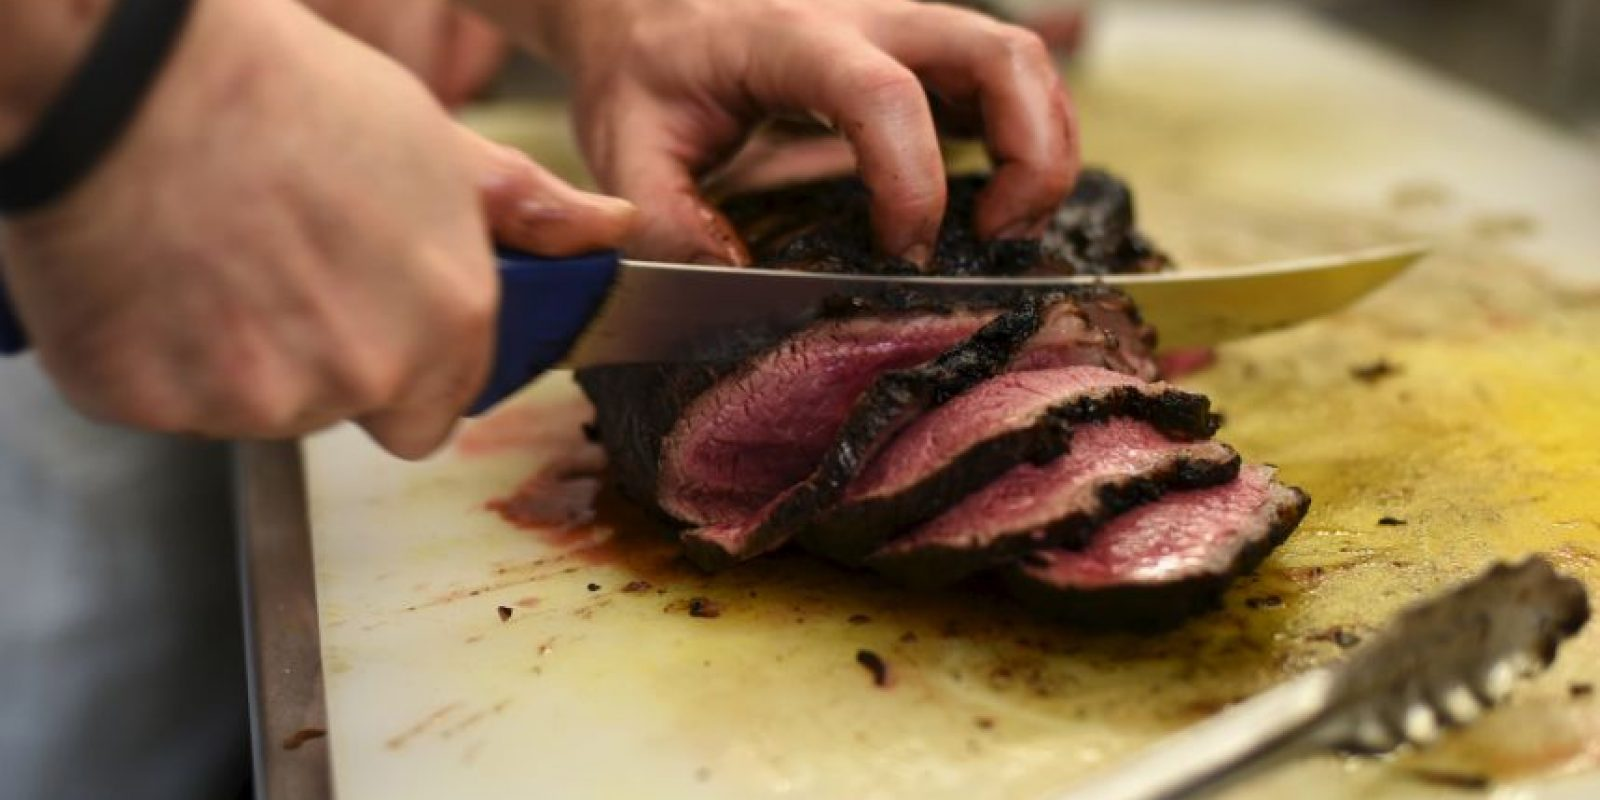 Un ladrón intentó robar una carnicería. Foto:Getty Images